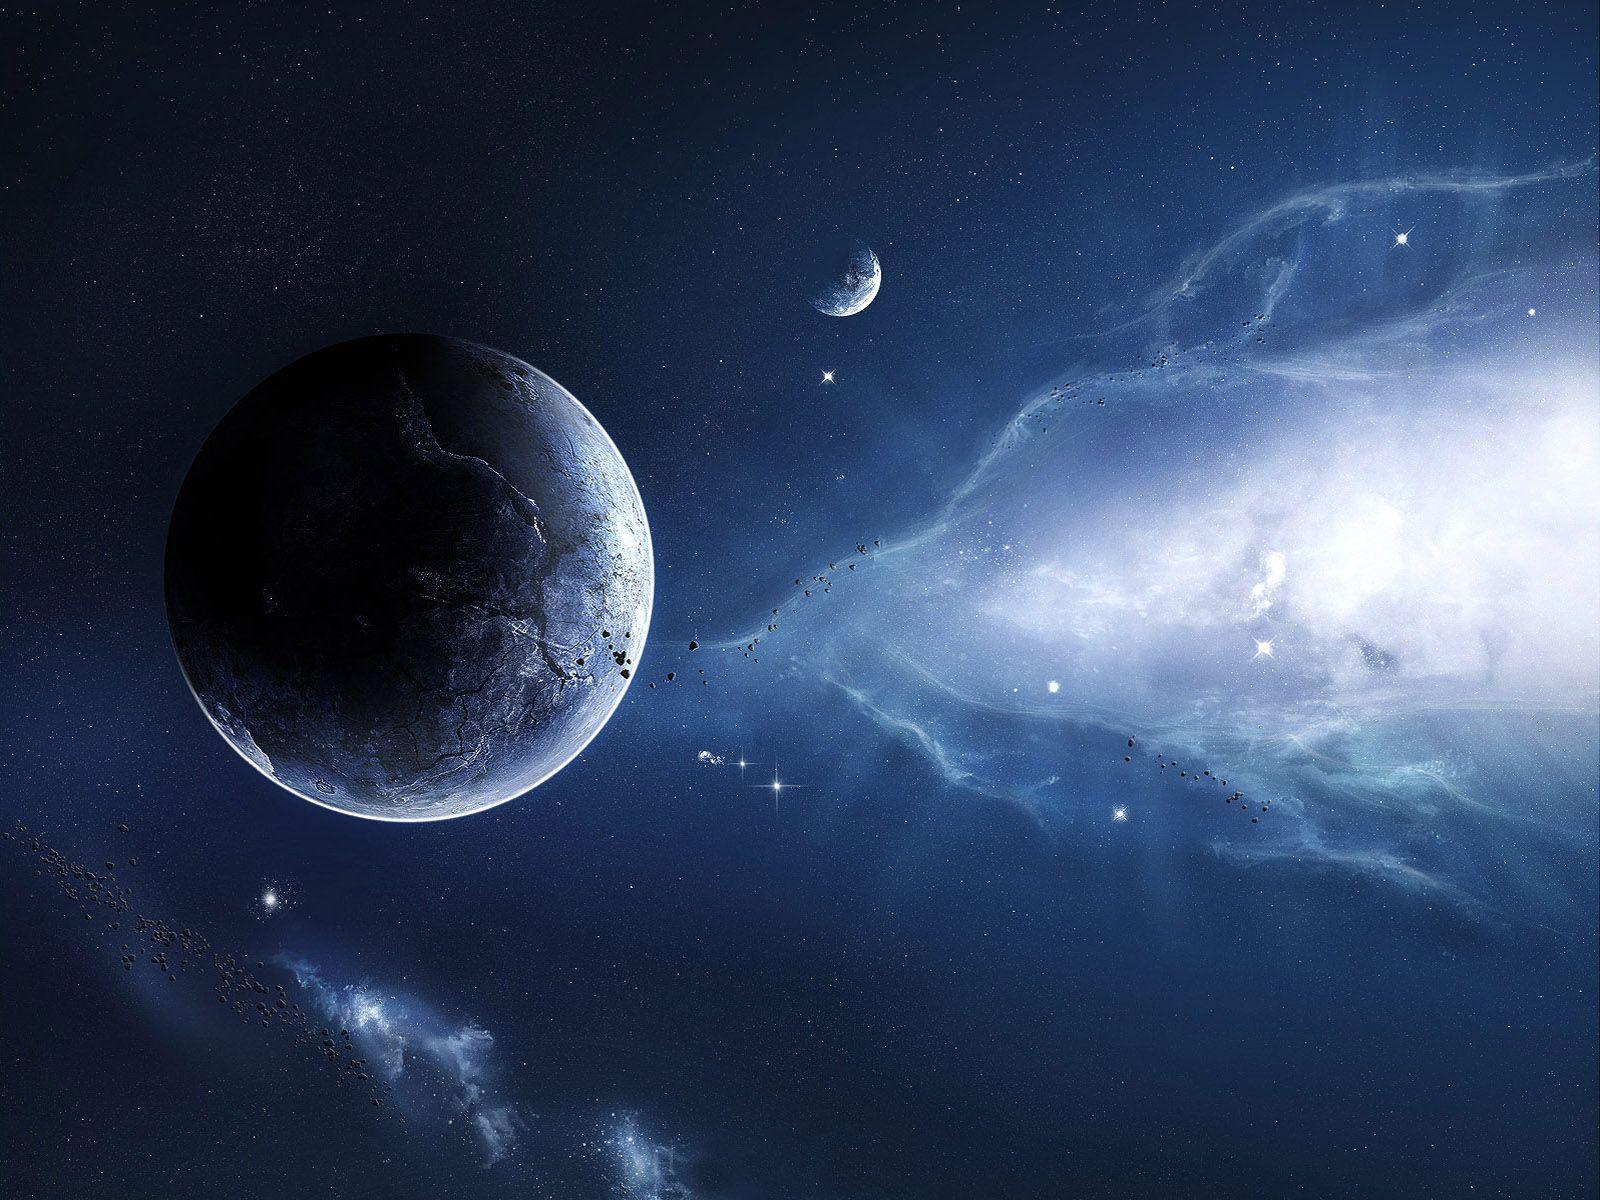 Hintergrundbilder Planeten - Wallpaper 1024x768 Kostenlose Handy Downloads